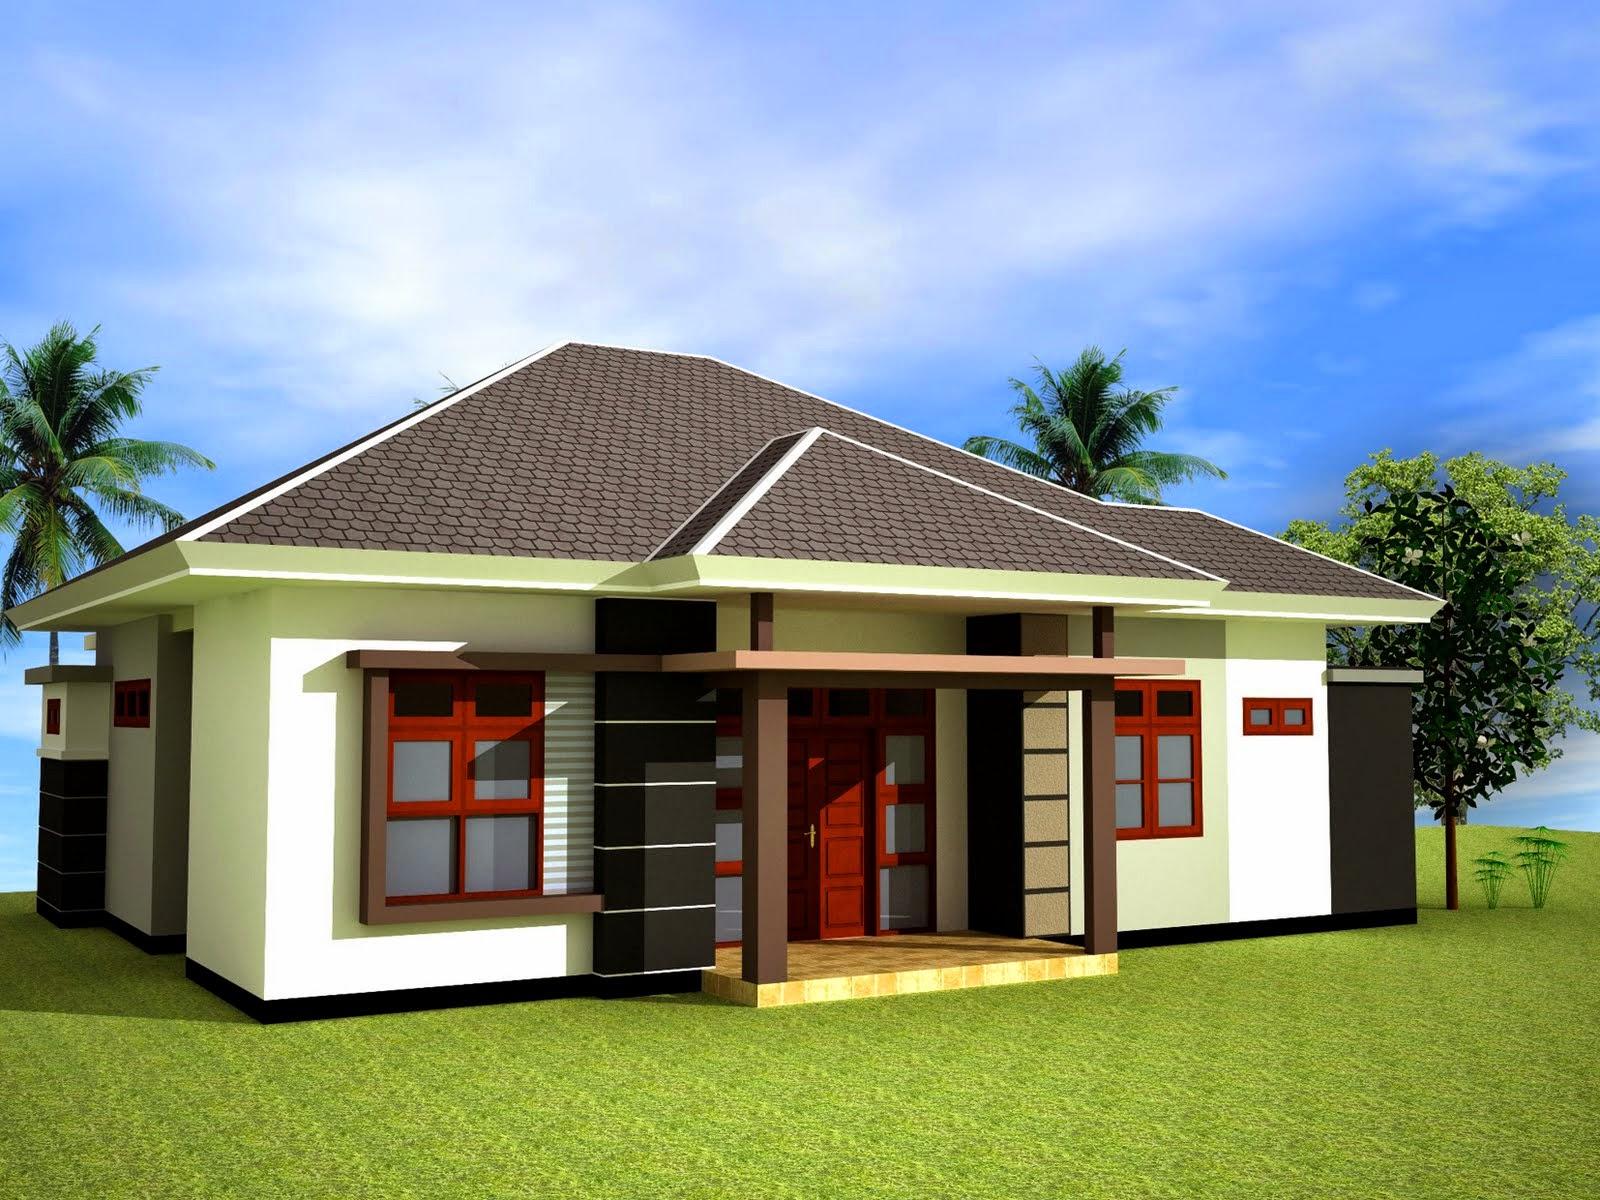 65 Desain Rumah Minimalis Nyaman